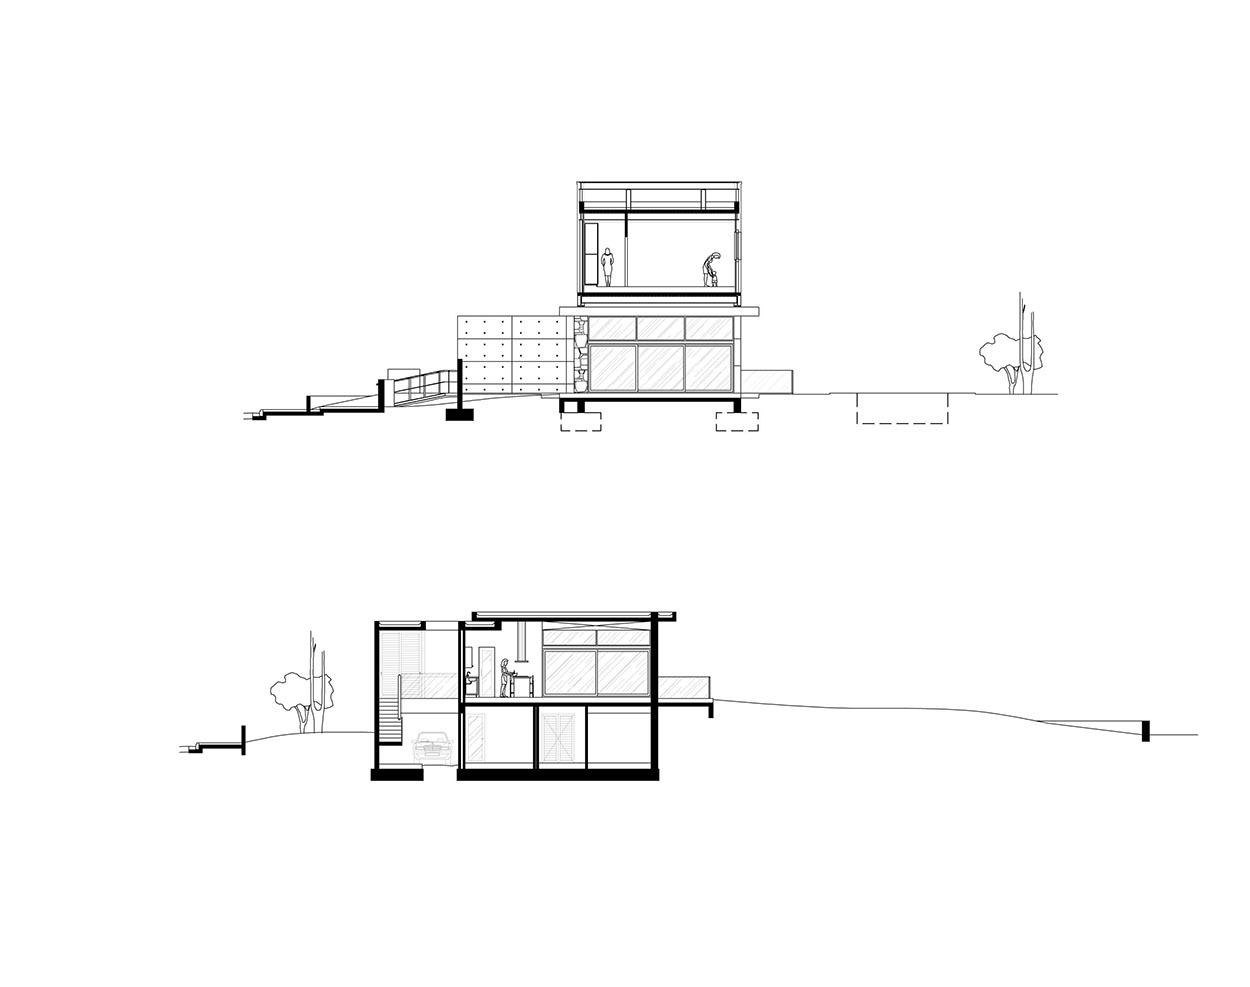 Τομές Β-Β και Γ-Γ, © Αρμεύτης & Συνεργάτες